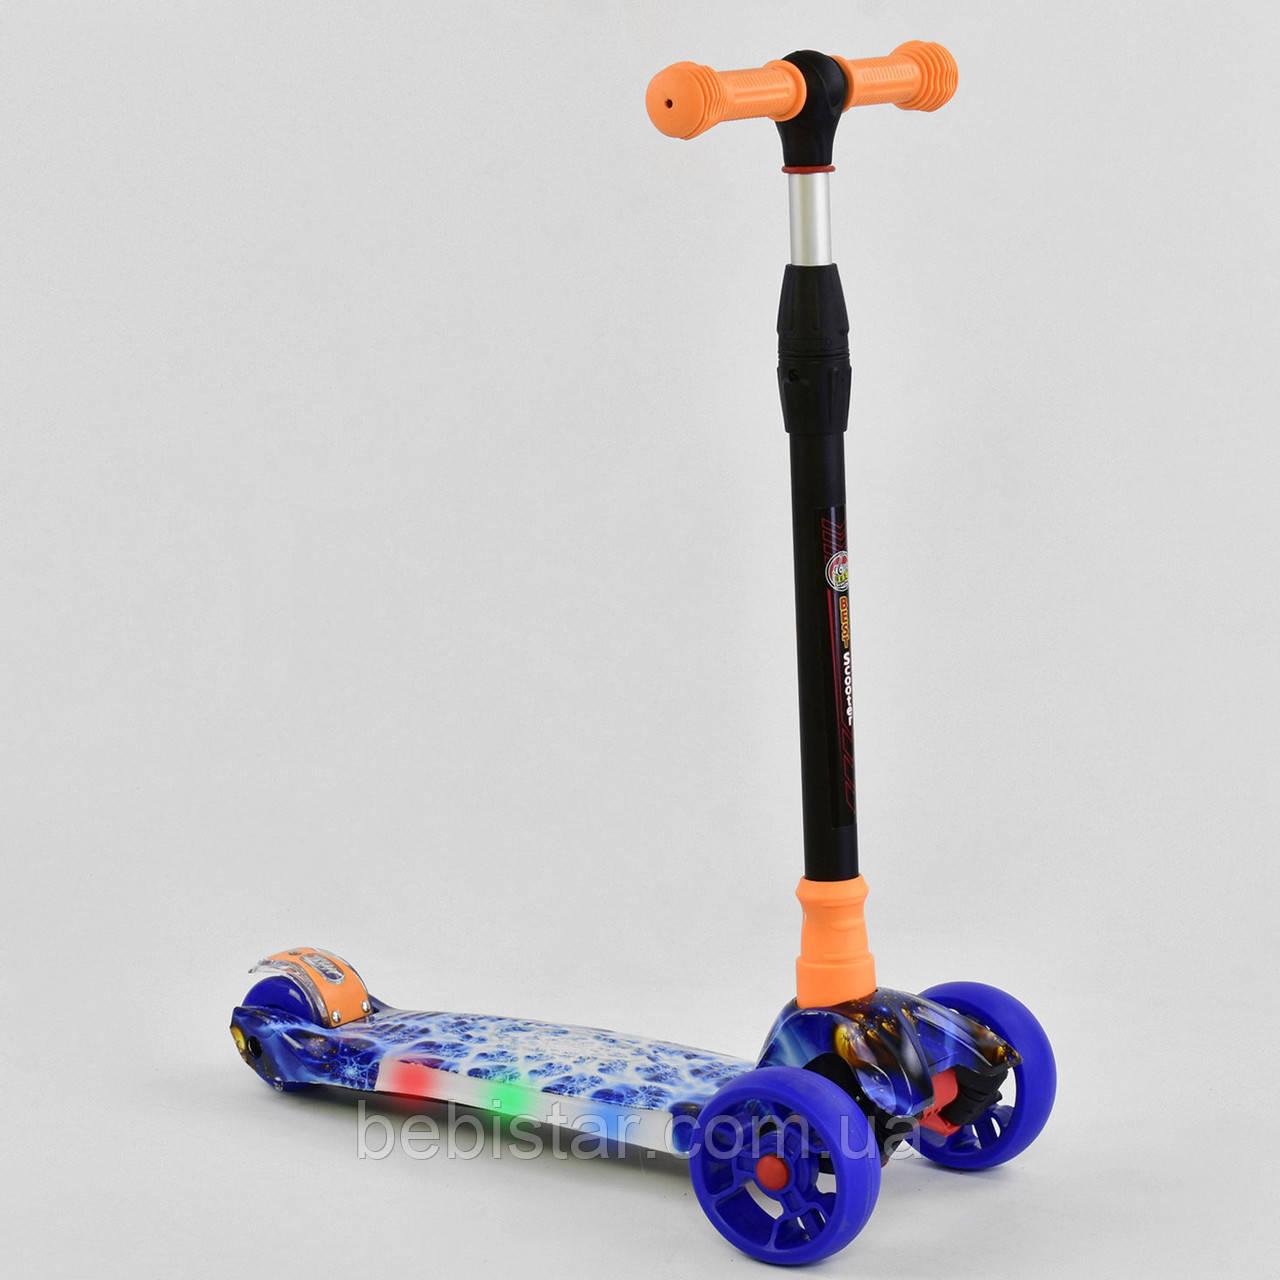 Трехколесный самокат синий четыре колеса с подсветкой платформы и светящимися колесами деткам от 3 лет